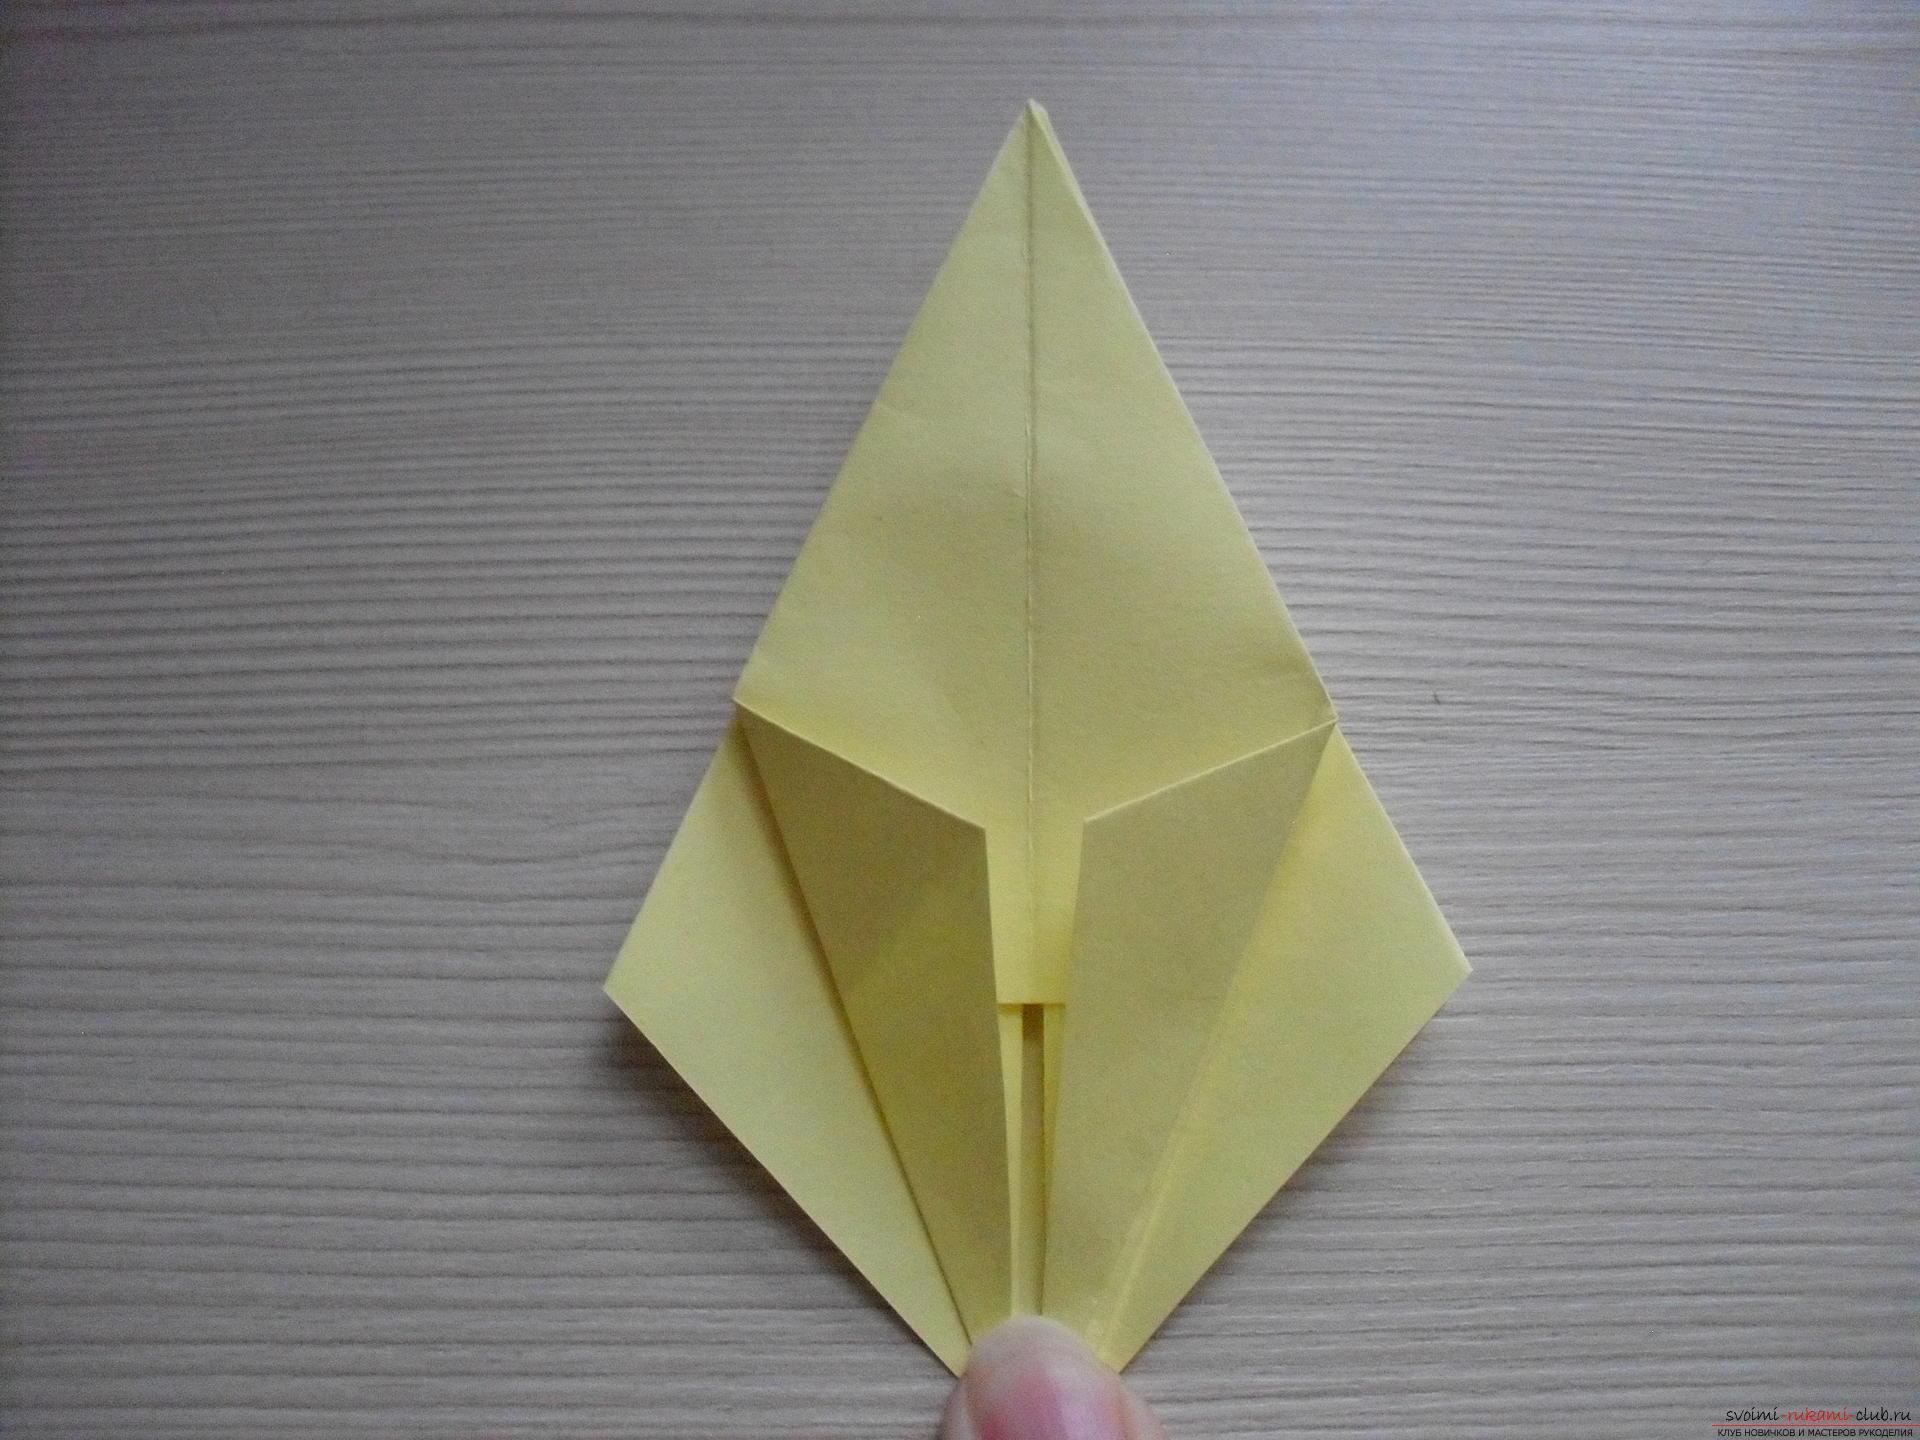 Этот пошаговый мастер-класс с инструкцией модульного оригами научит как сделать корзинку с лилиями.. Фото №30